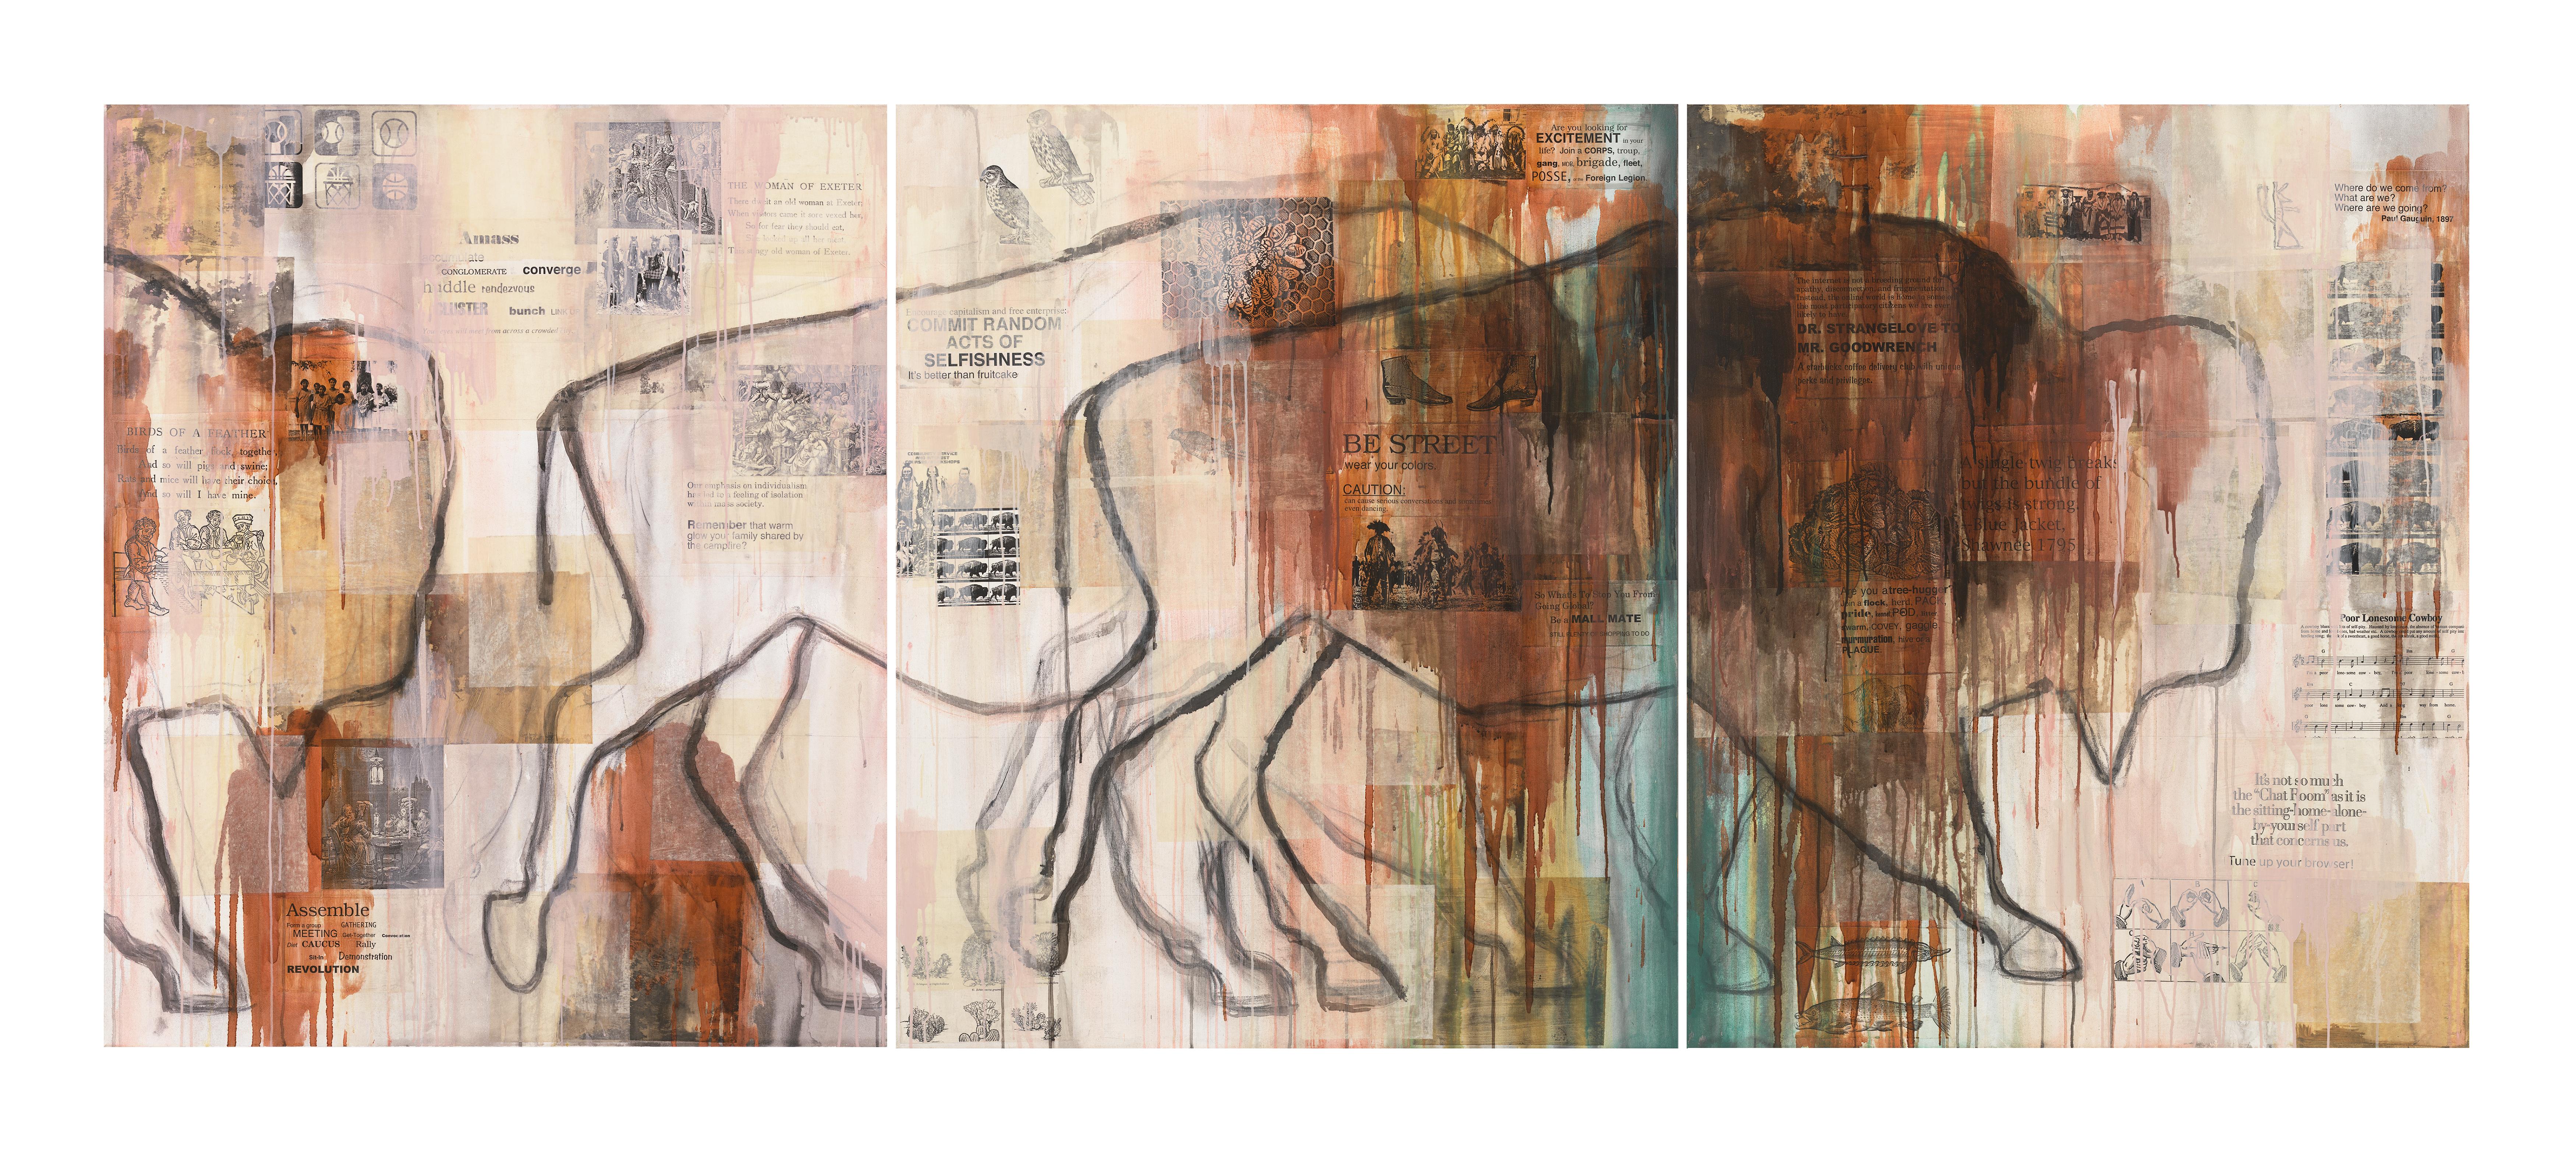 Jaune Quick-to-See Smith, <i>I See Red: Herd</i>, 1992. Coleção: Garth Greenan Gallery. Cortesia da artista